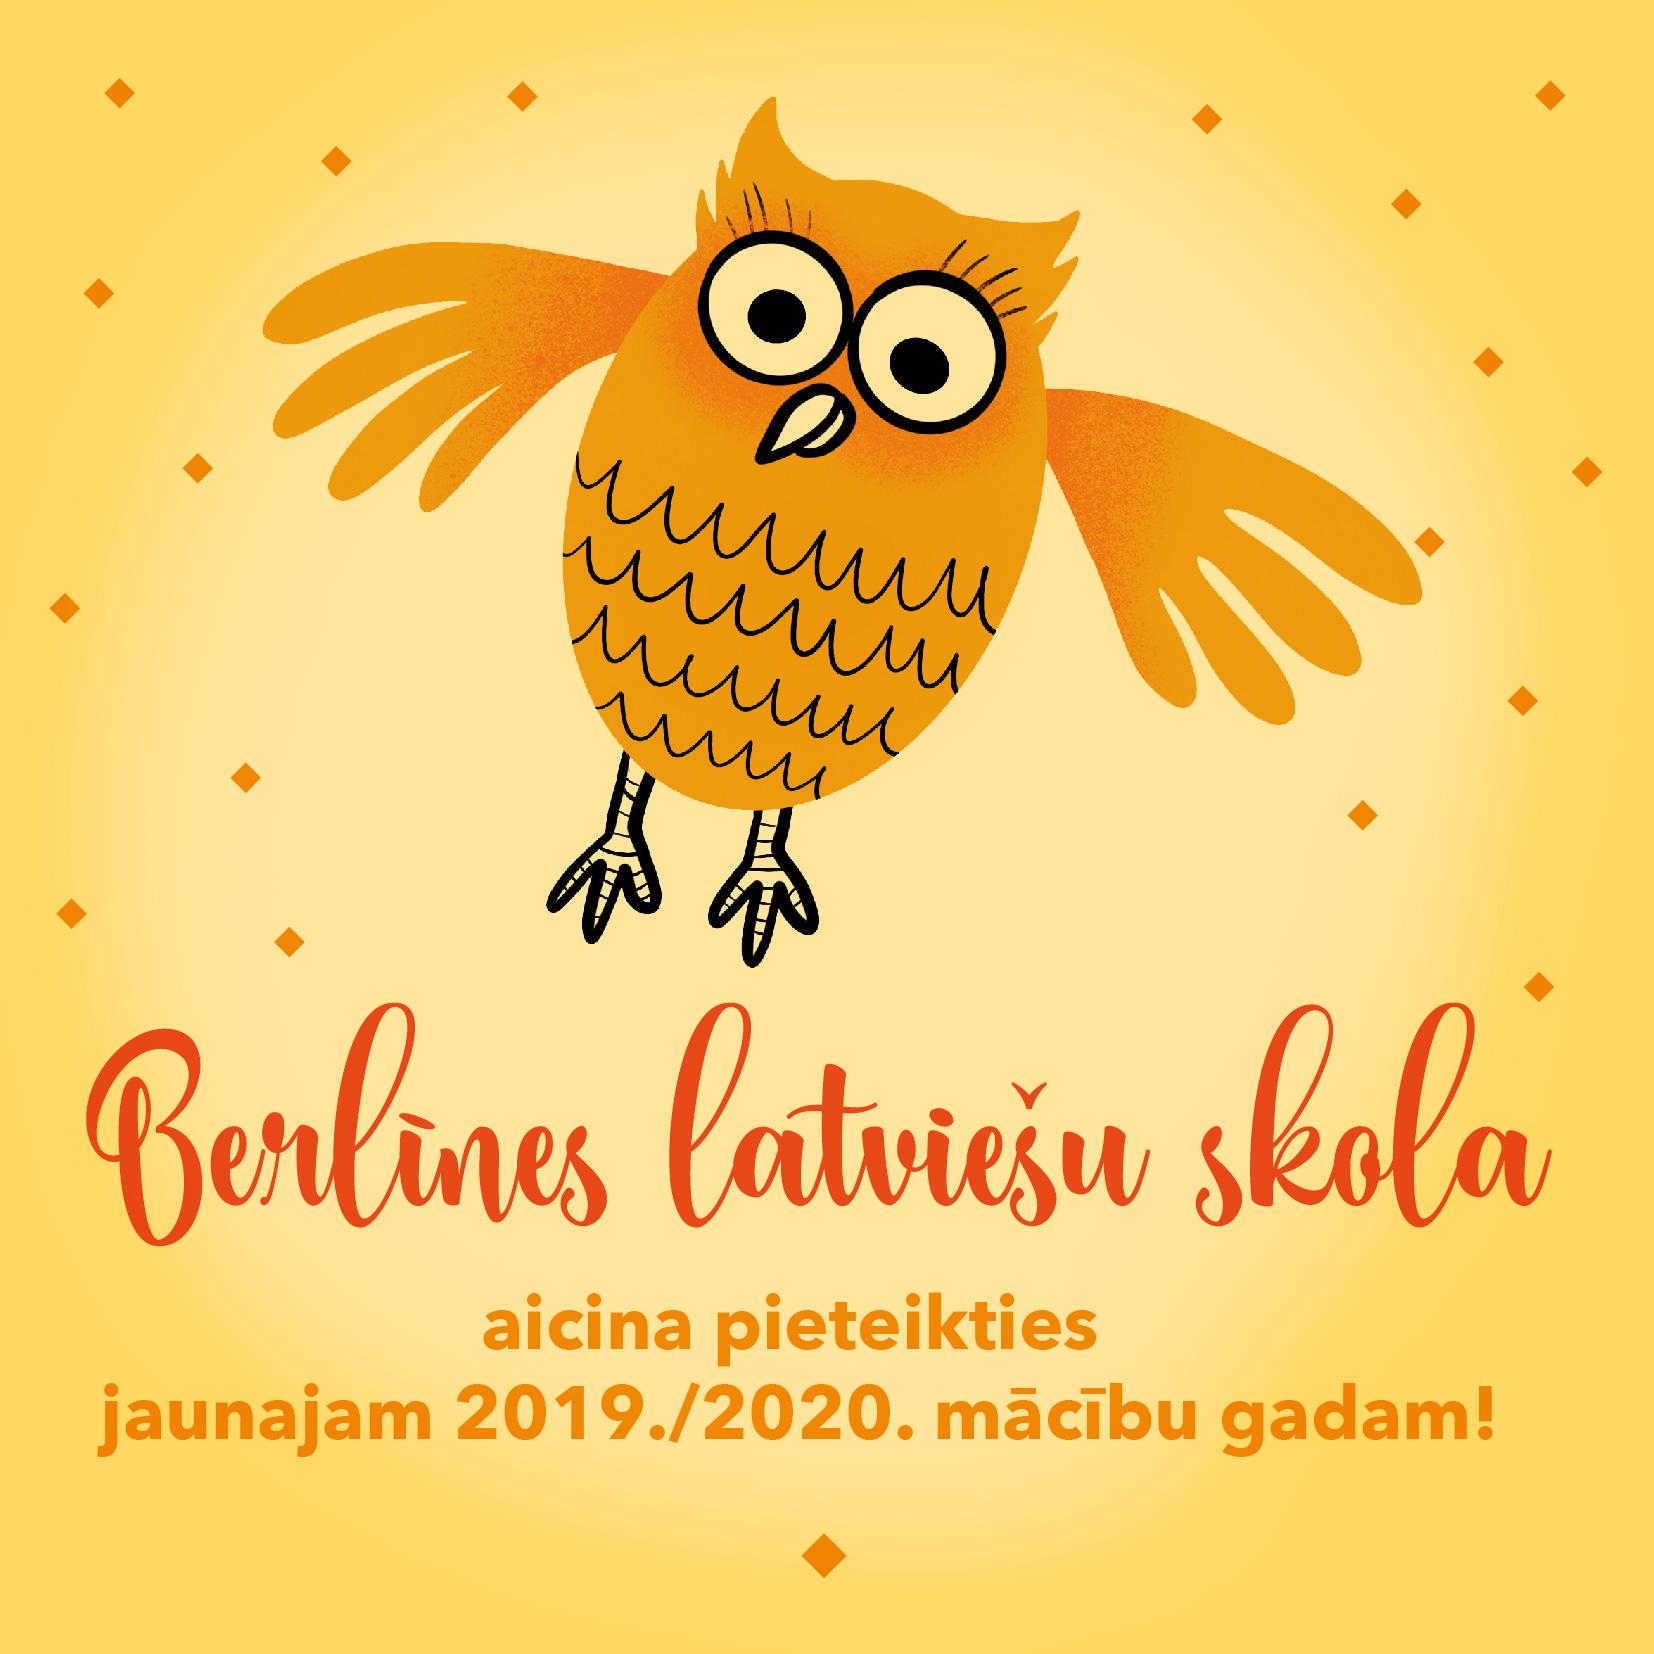 Sākusies Pieteikšanās Berlīnes Latviešu Skolas 2019./2020. Mācību Gadam!